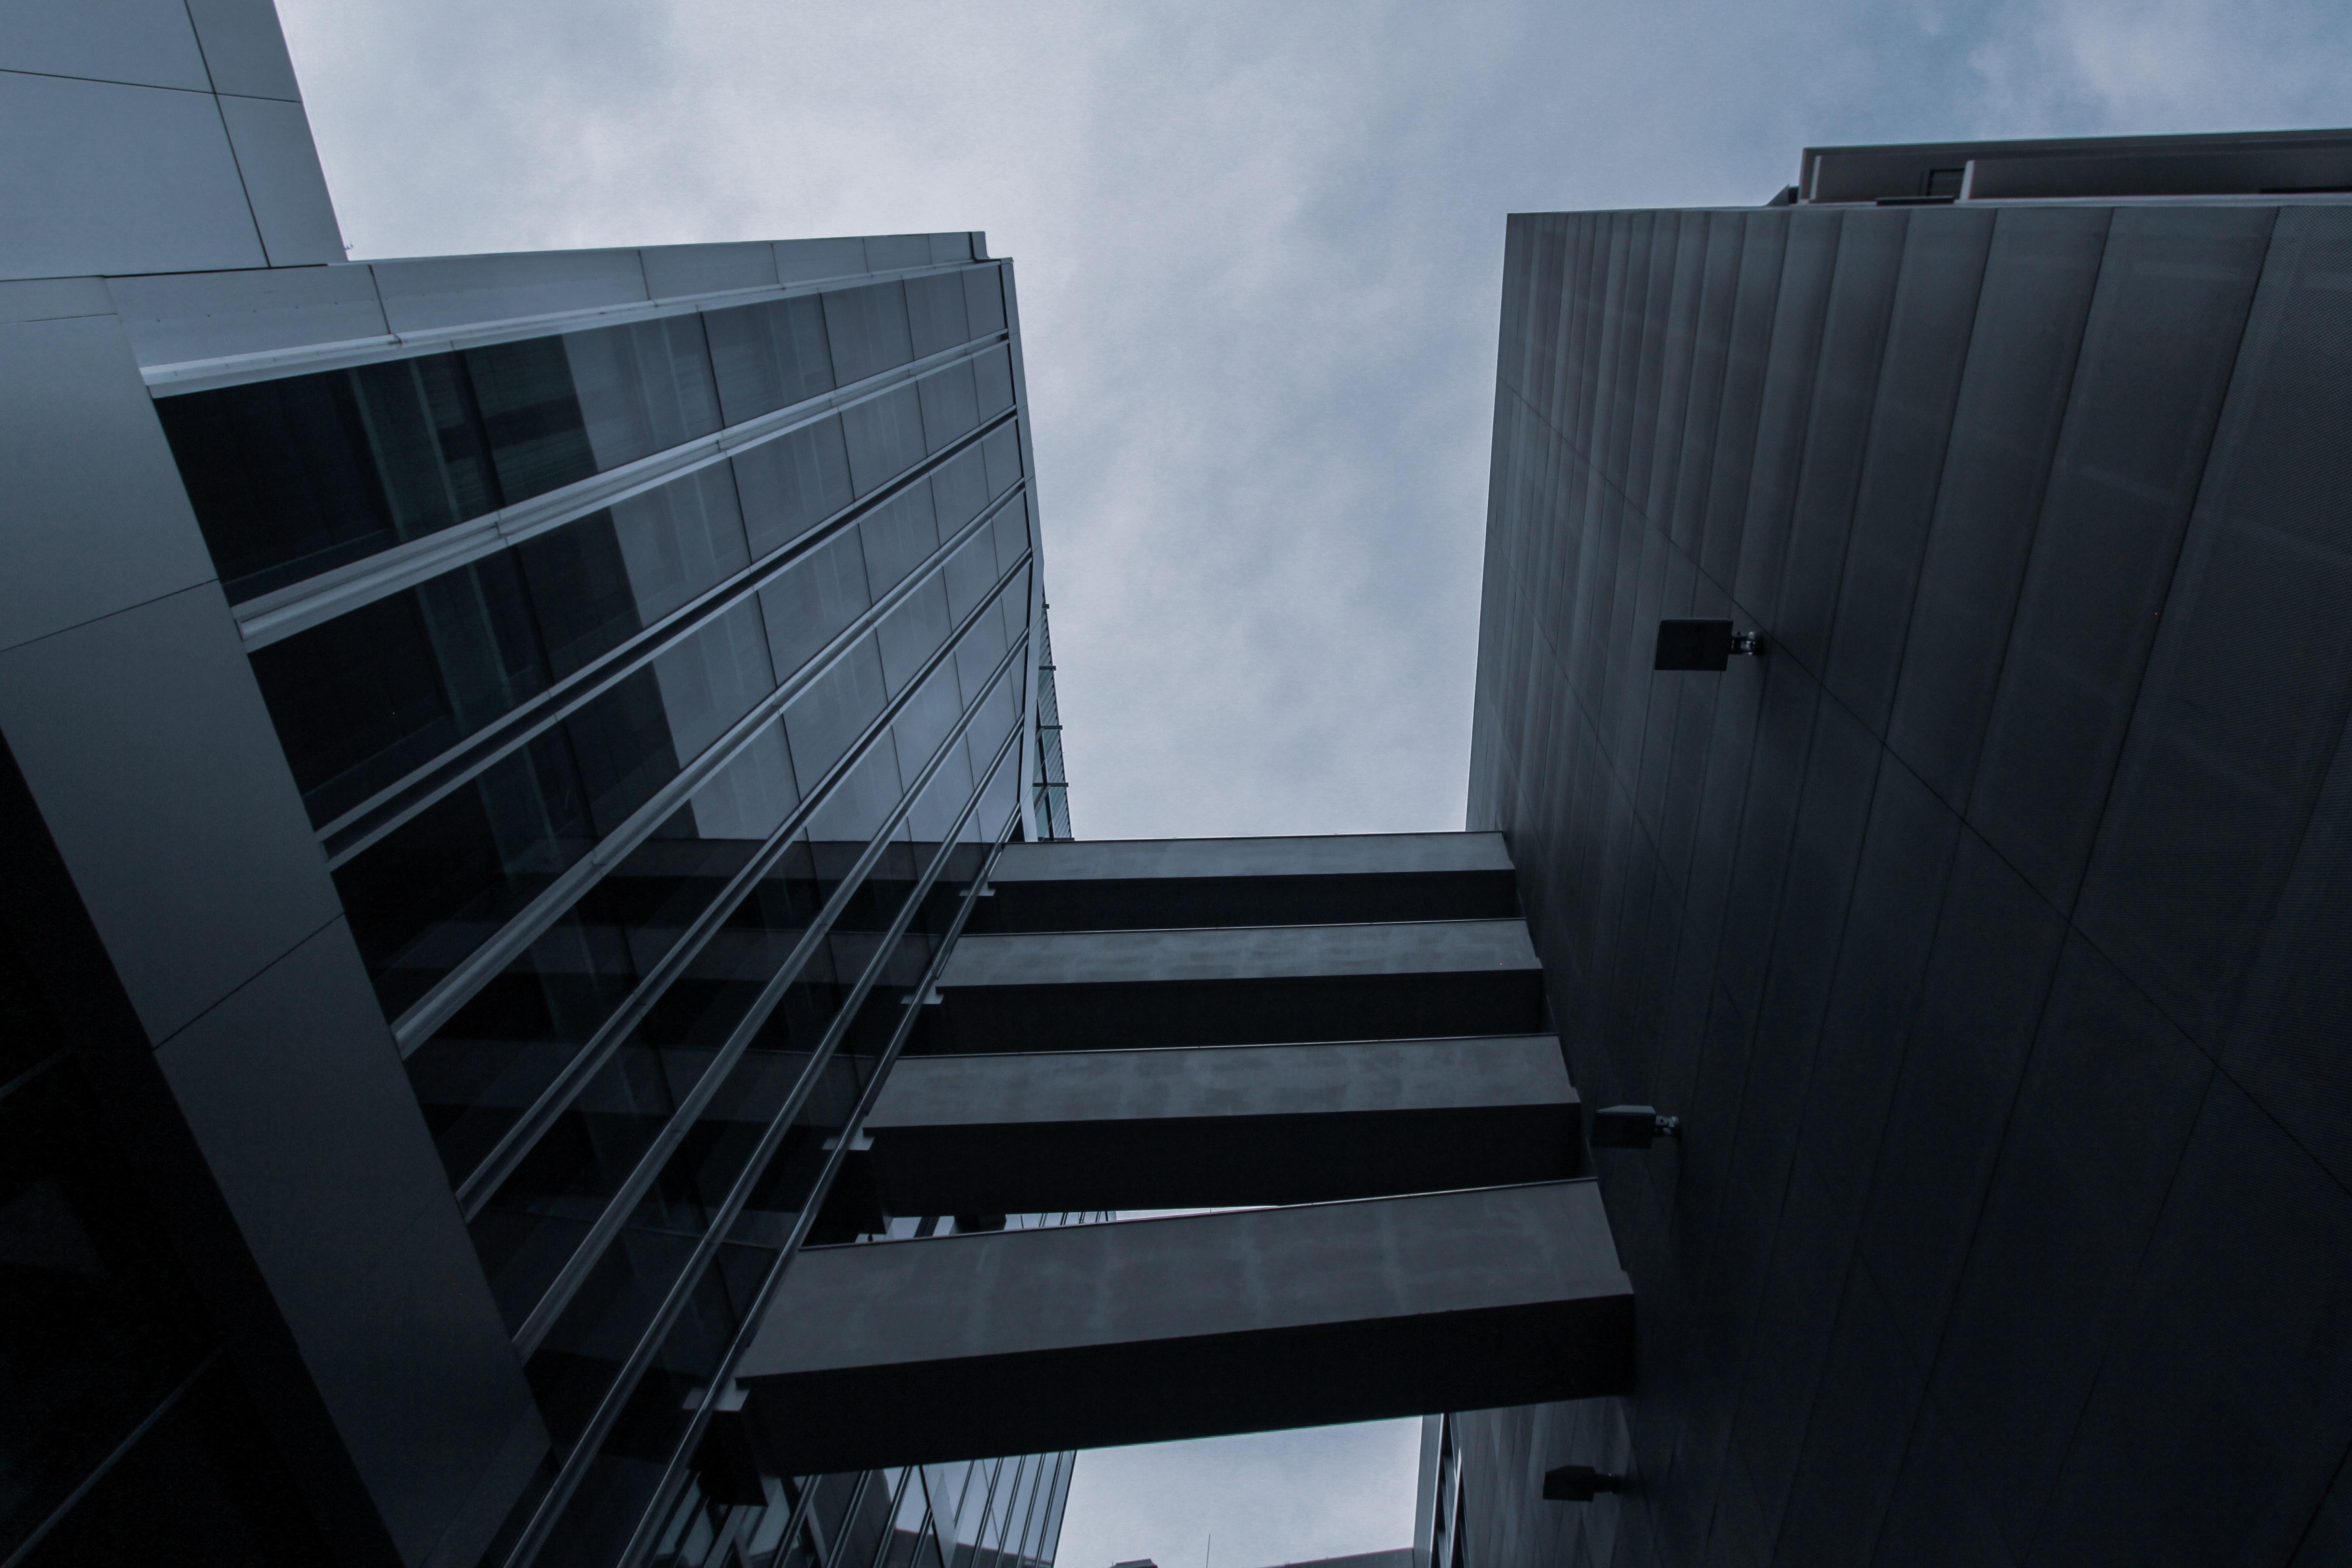 Arkkitehtoninen